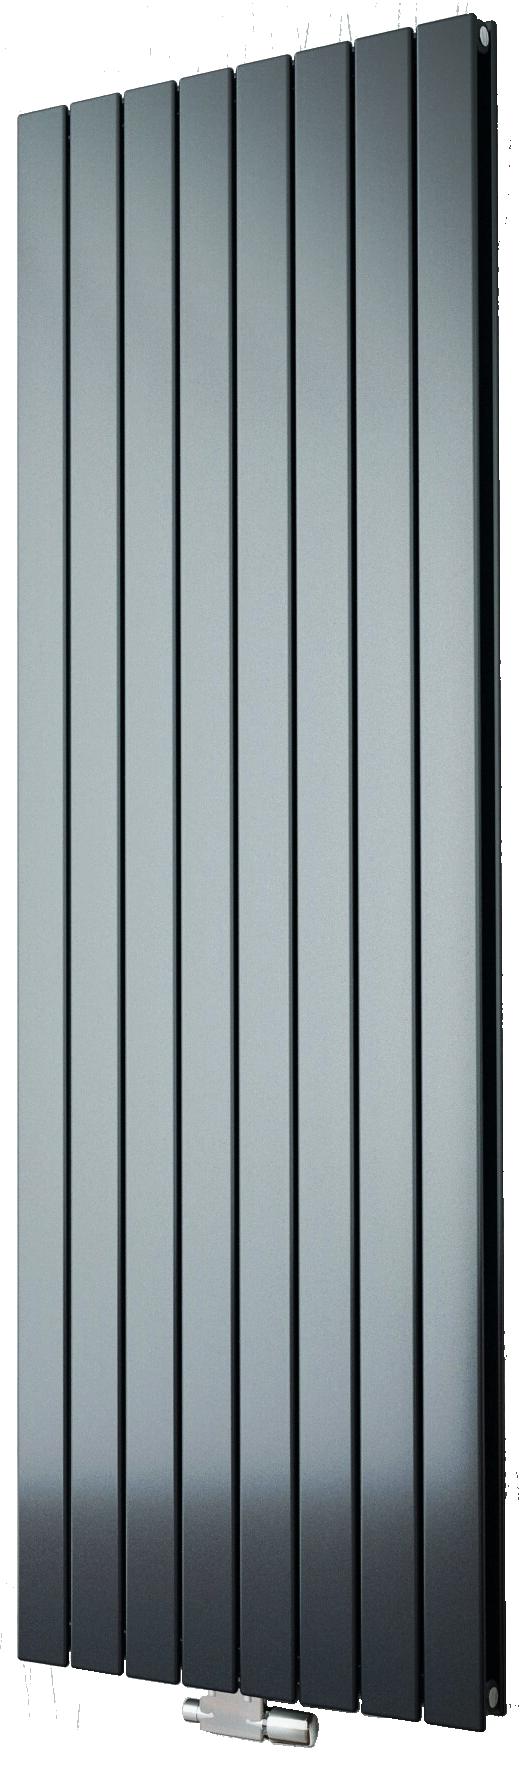 Full Size of Design Flachheizkörper Vertikal Paneelheizkorper Heizkorper Badheizkorper Garten Designer Lampen Esstisch Bett Modern Badezimmer Esstische Regale Betten Wohnzimmer Design Flachheizkörper Vertikal